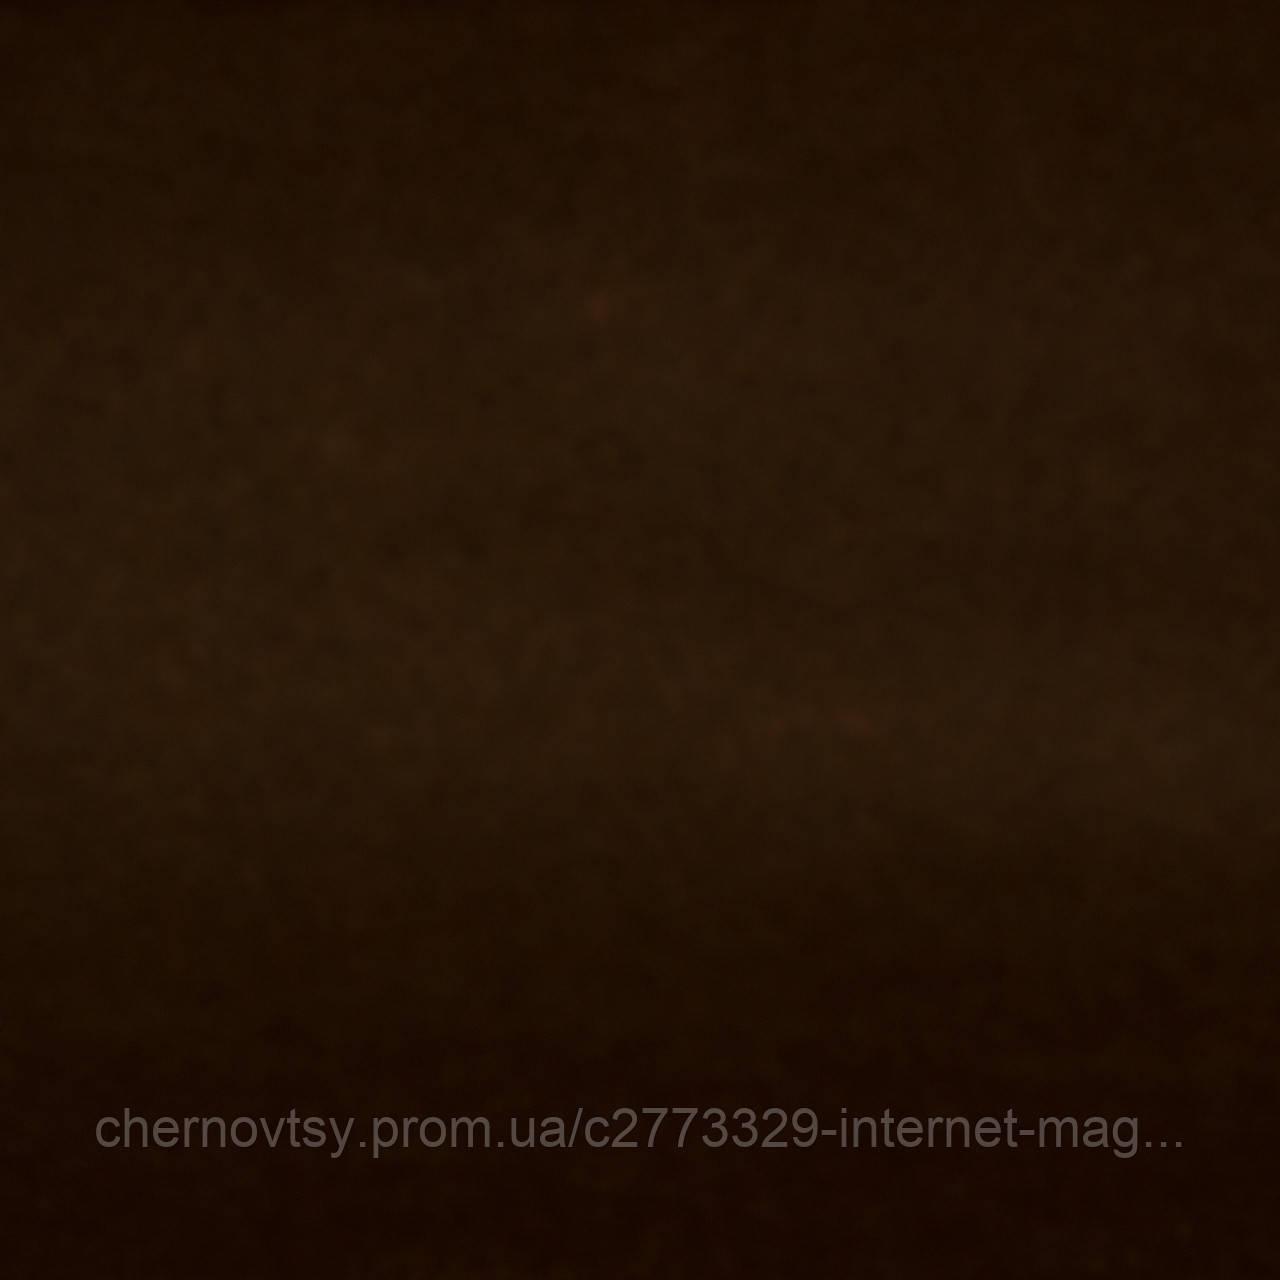 Фетр жесткий 50х42 см, толщина 1 мм